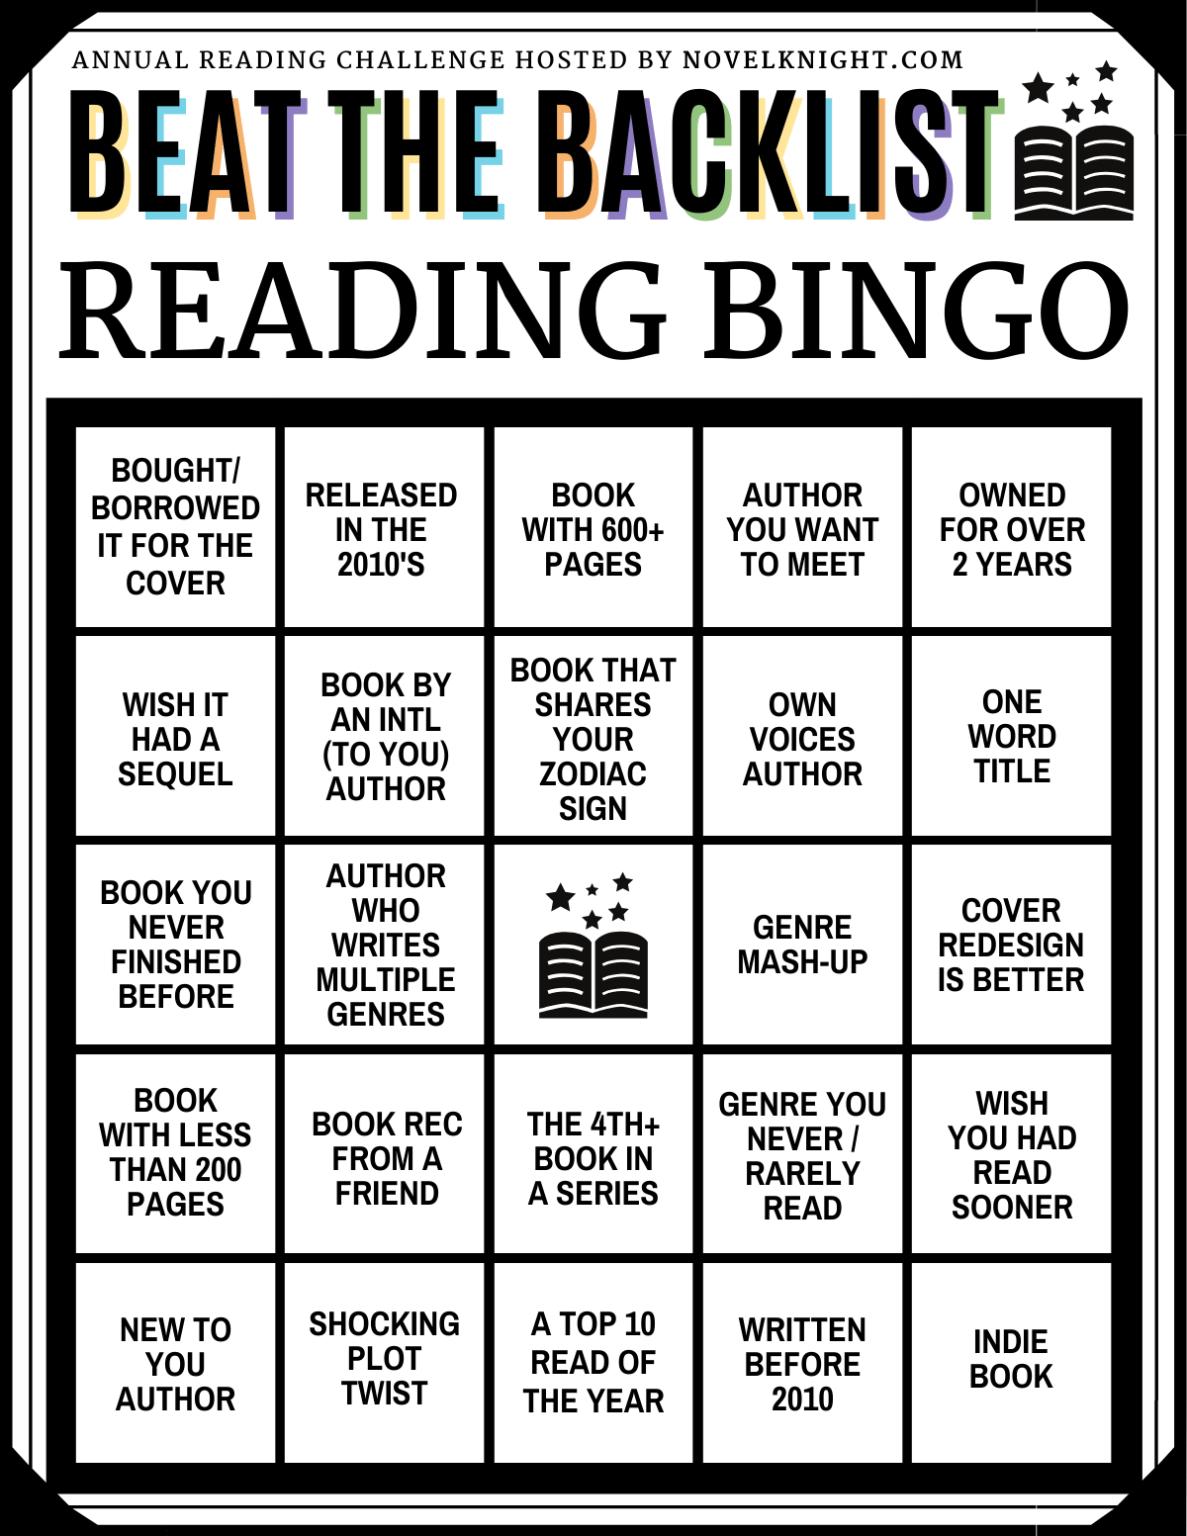 BTB2020_Regular_Reading_BINGO